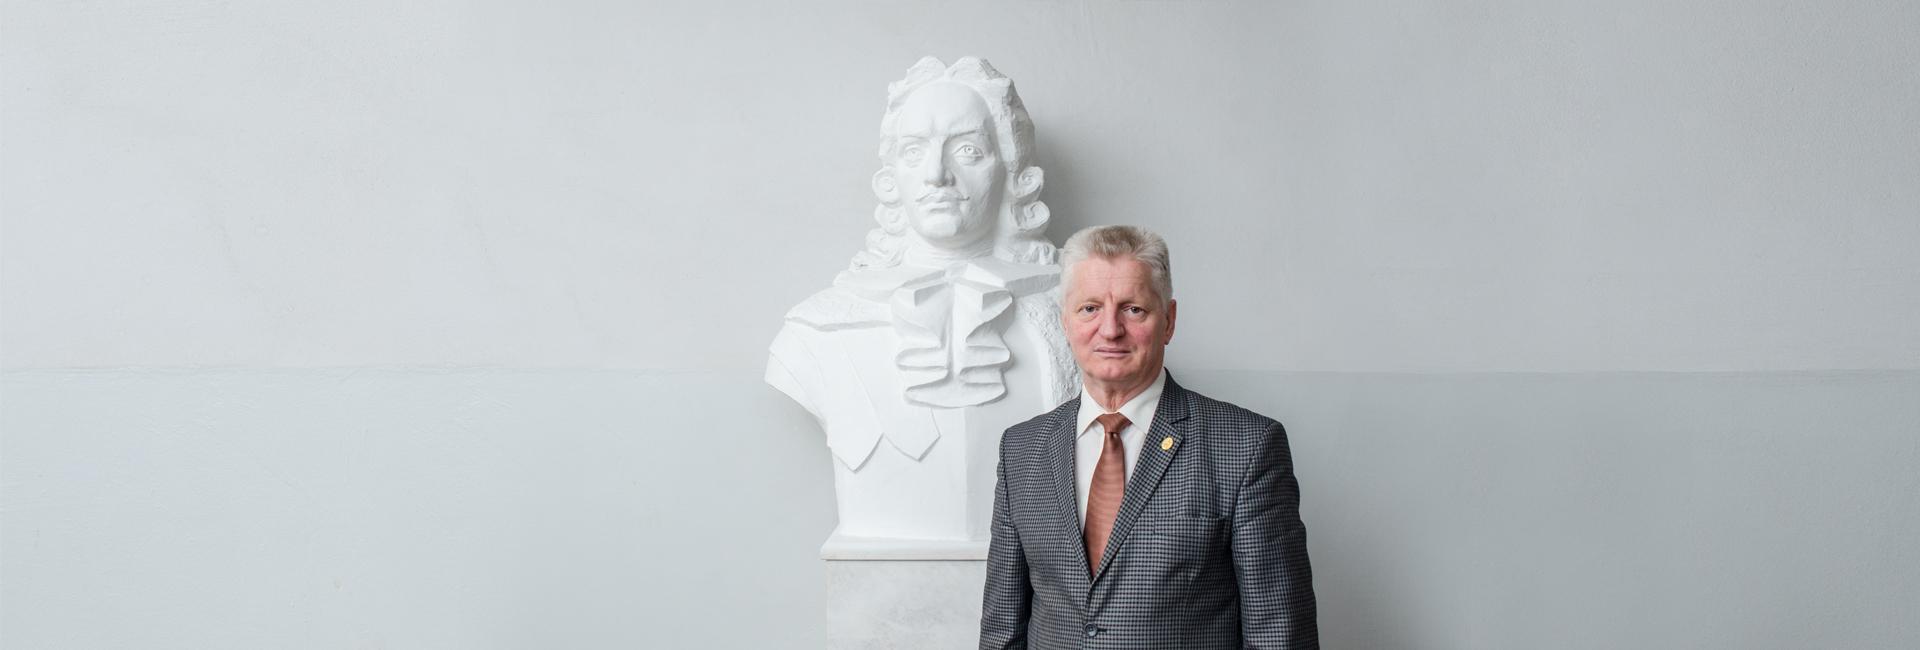 Ion Guceac vicepreşedinte Academia de Ştiinţe a Moldovei Basarabia limba română slider